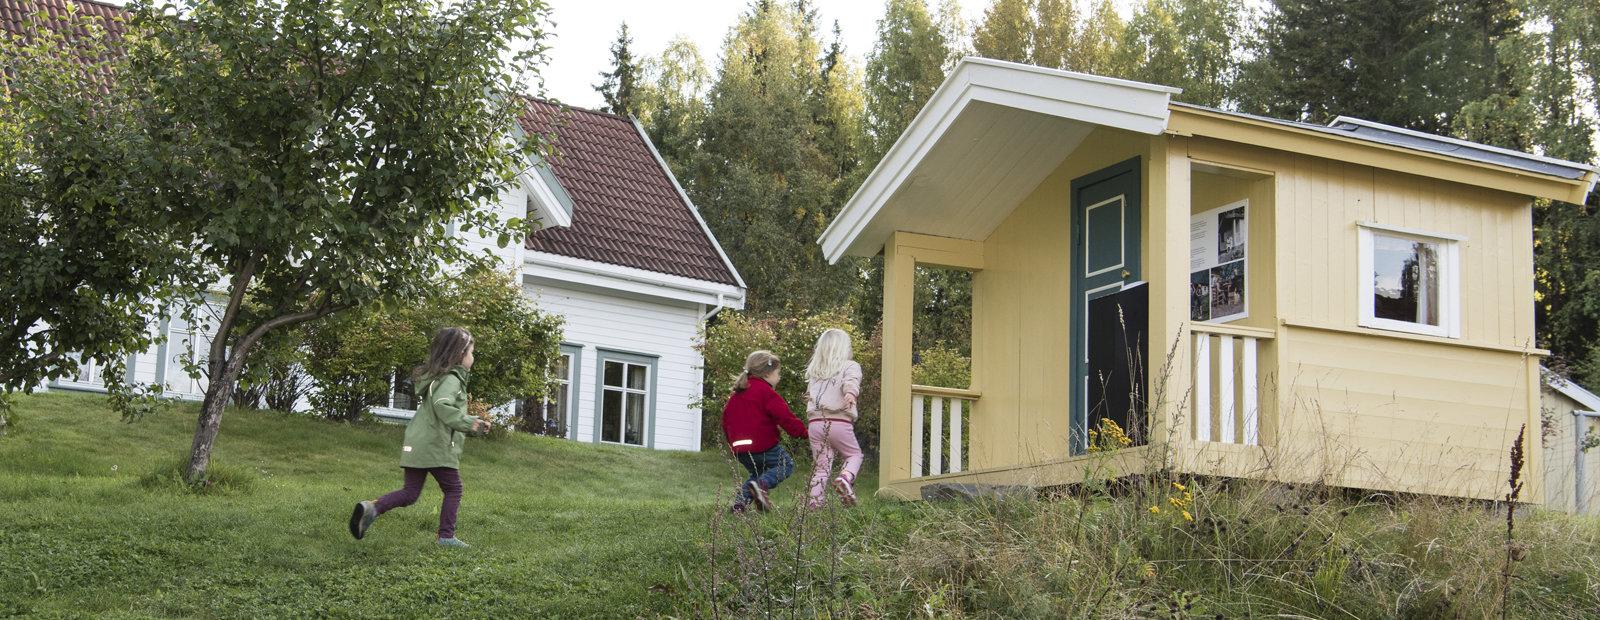 Barn løper mot en gulmalt lekestue fra 1950-tallet i Boligfeltet i friluftsmuseet Maihaugen på Lillehammer.